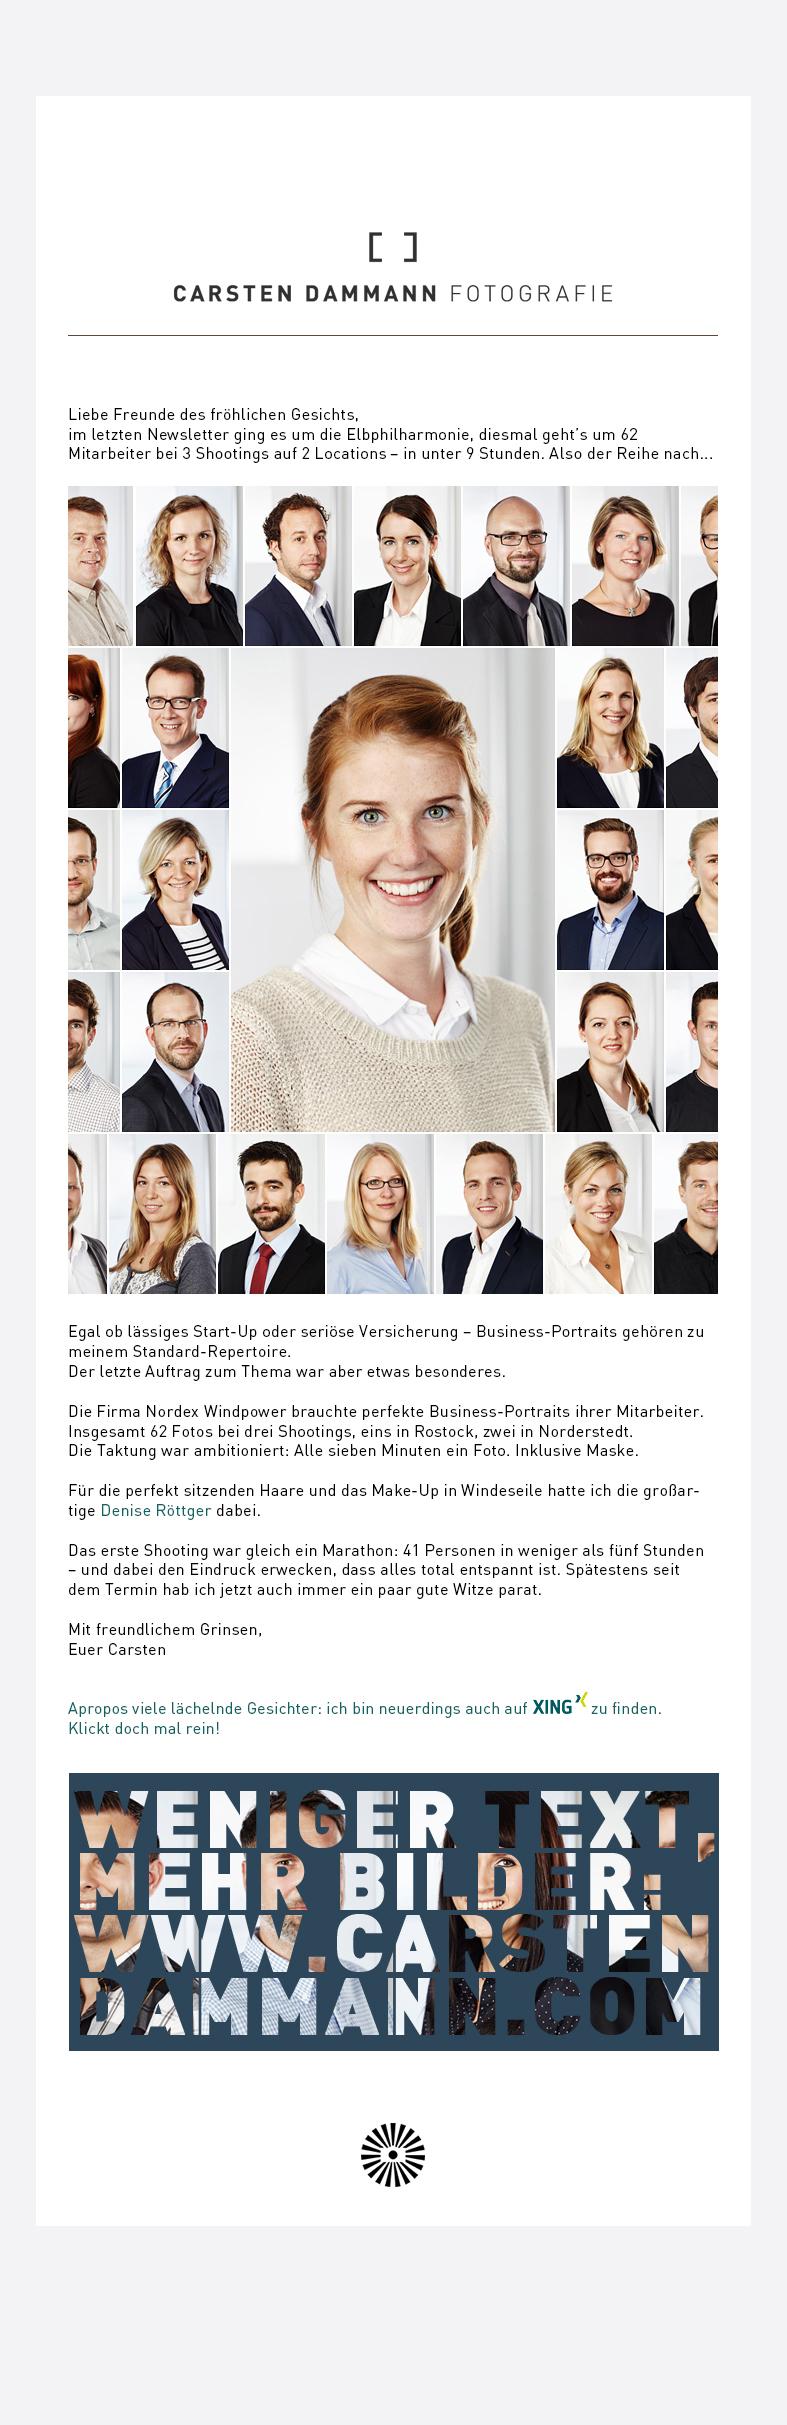 Carsten Dammann News 3  nordex.jpg